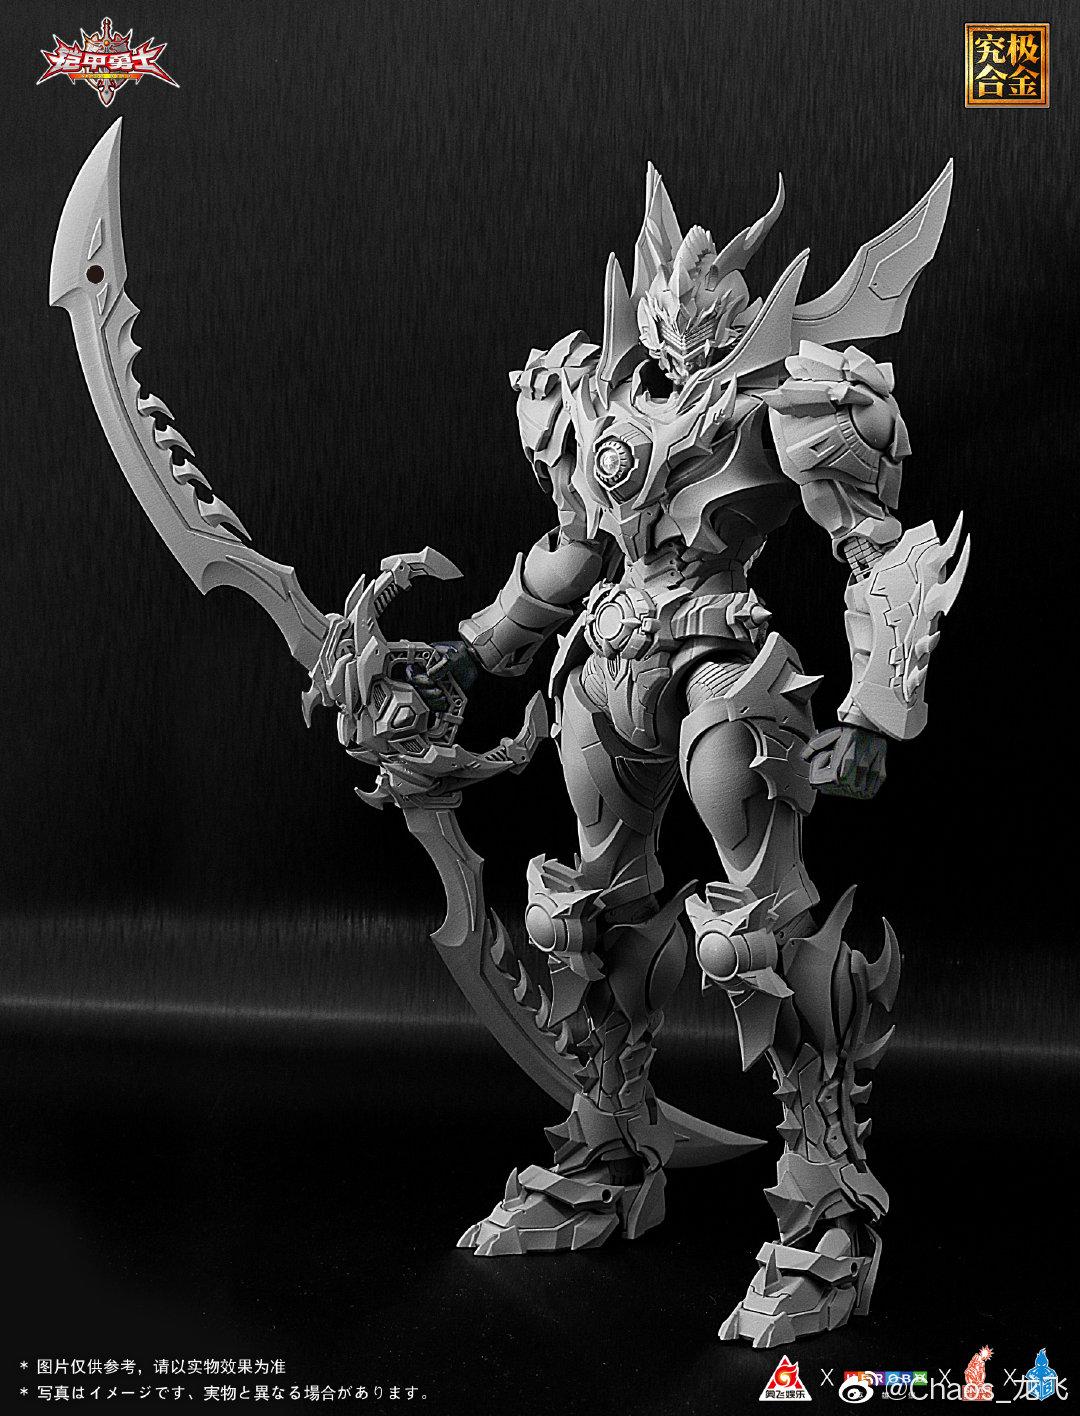 S536_snap_Armor_hero_Emperor_enryu_012.jpg